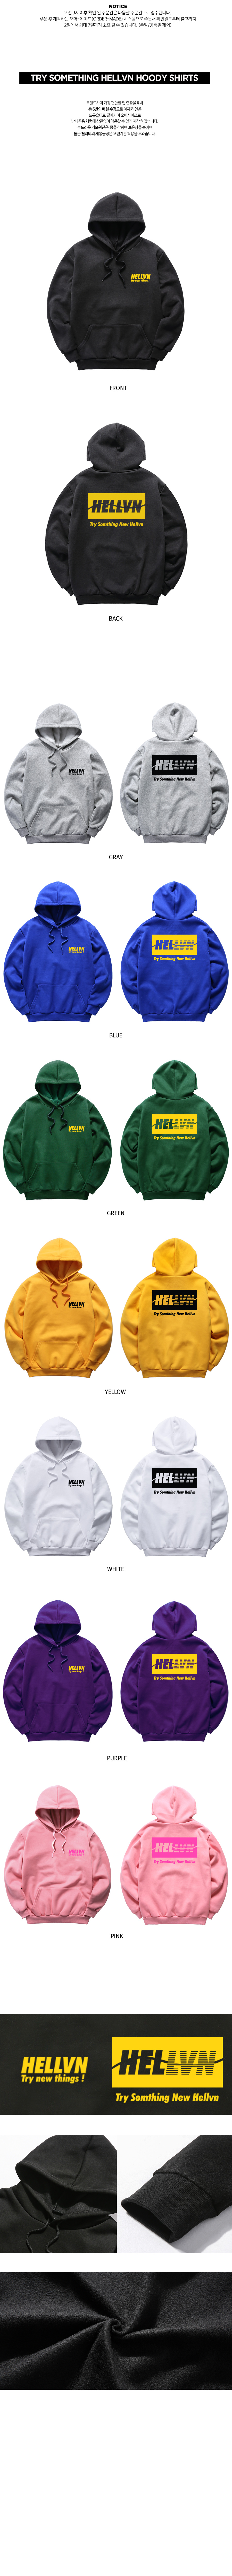 헬븐 - Try Something Hellvn Hoody Shirts - 후드티 (SBHH8S-033)